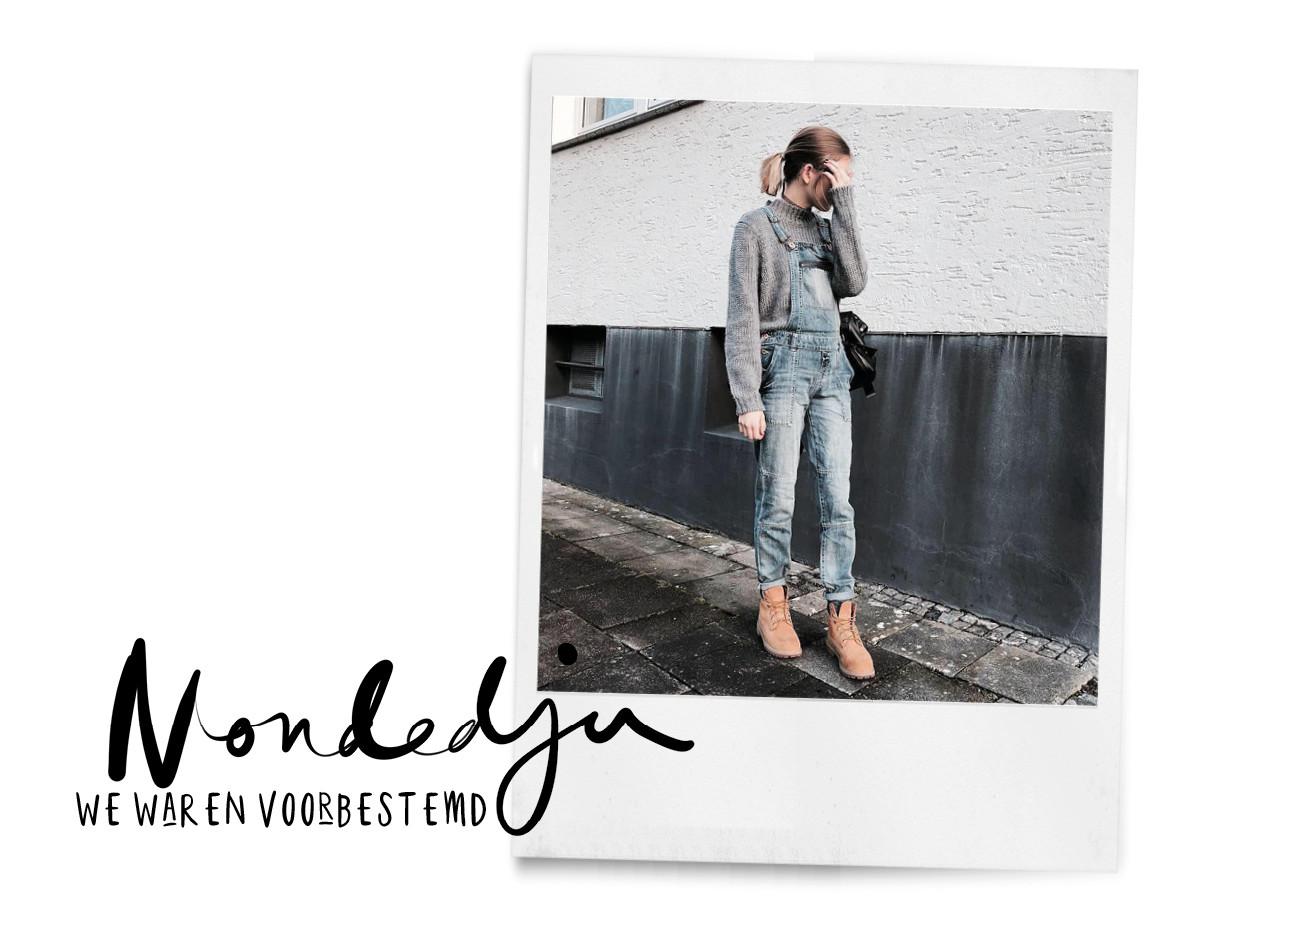 Vrouwen draagt tImberlands op straat lachend in een spijkerpak